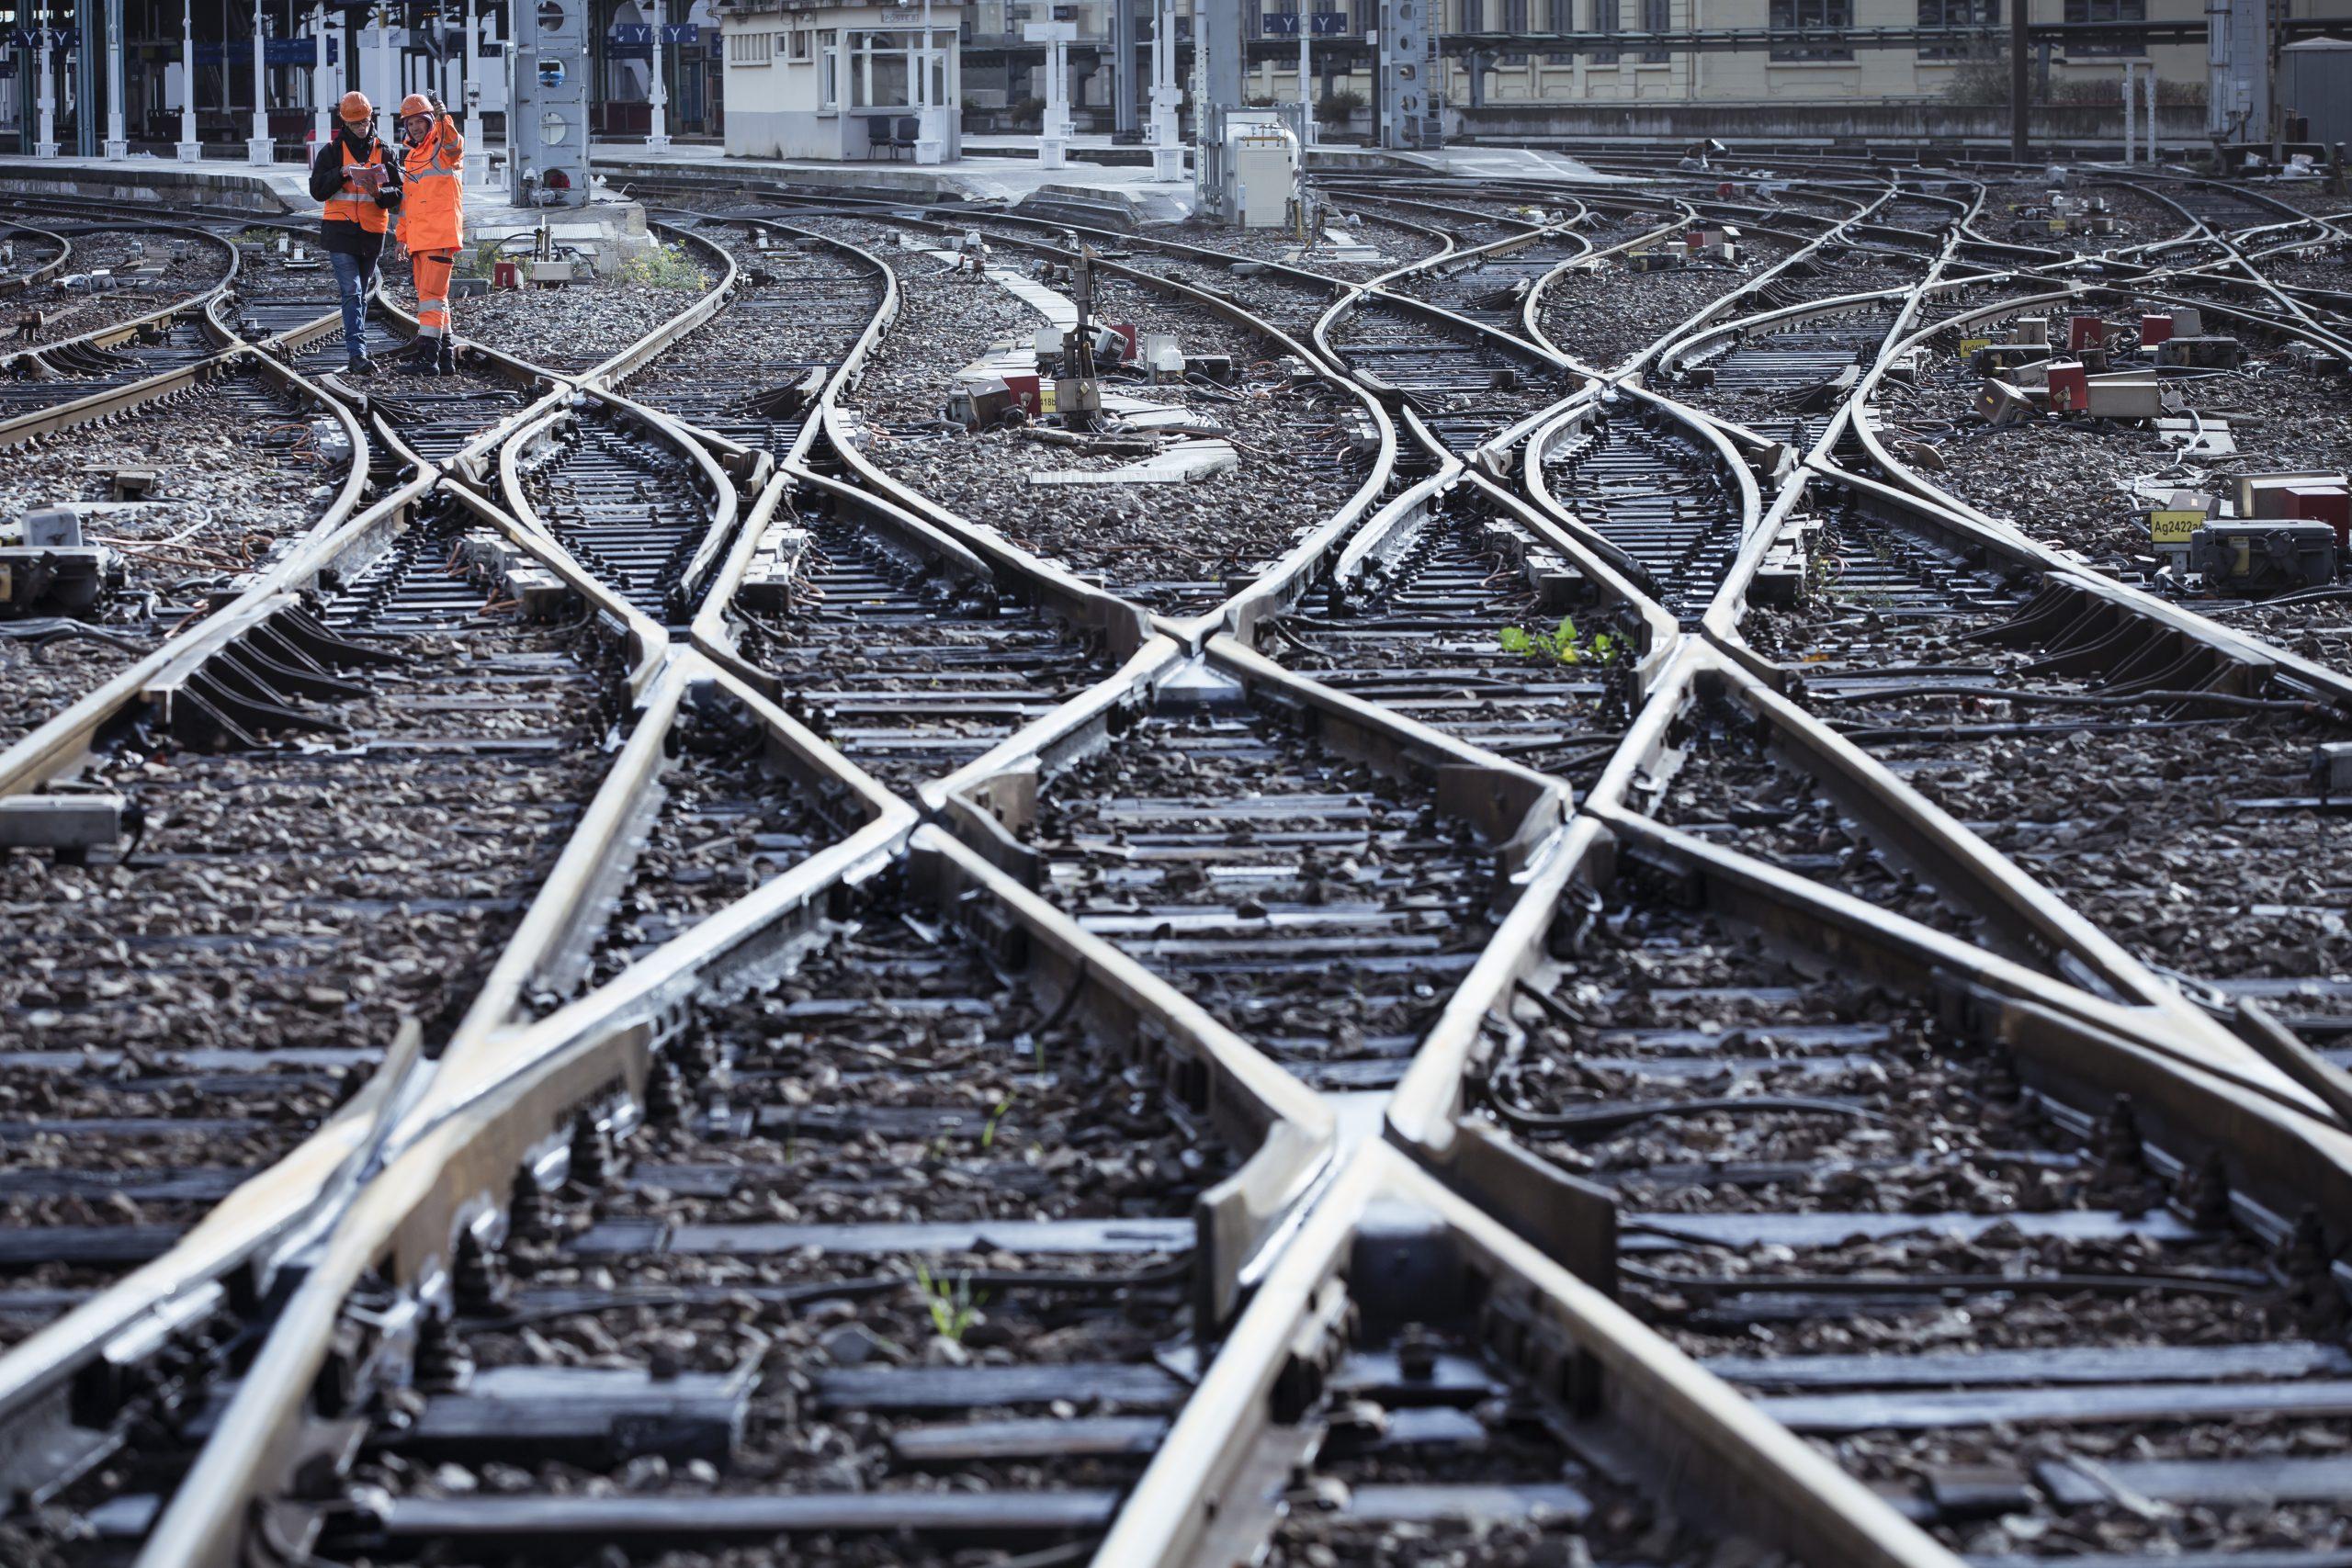 Rejoindre SNCF, c'est travailler pour l'un des premiers Groupes mondiaux de transport de voyageurs et de marchandises. Une référence en France et dans le Monde.